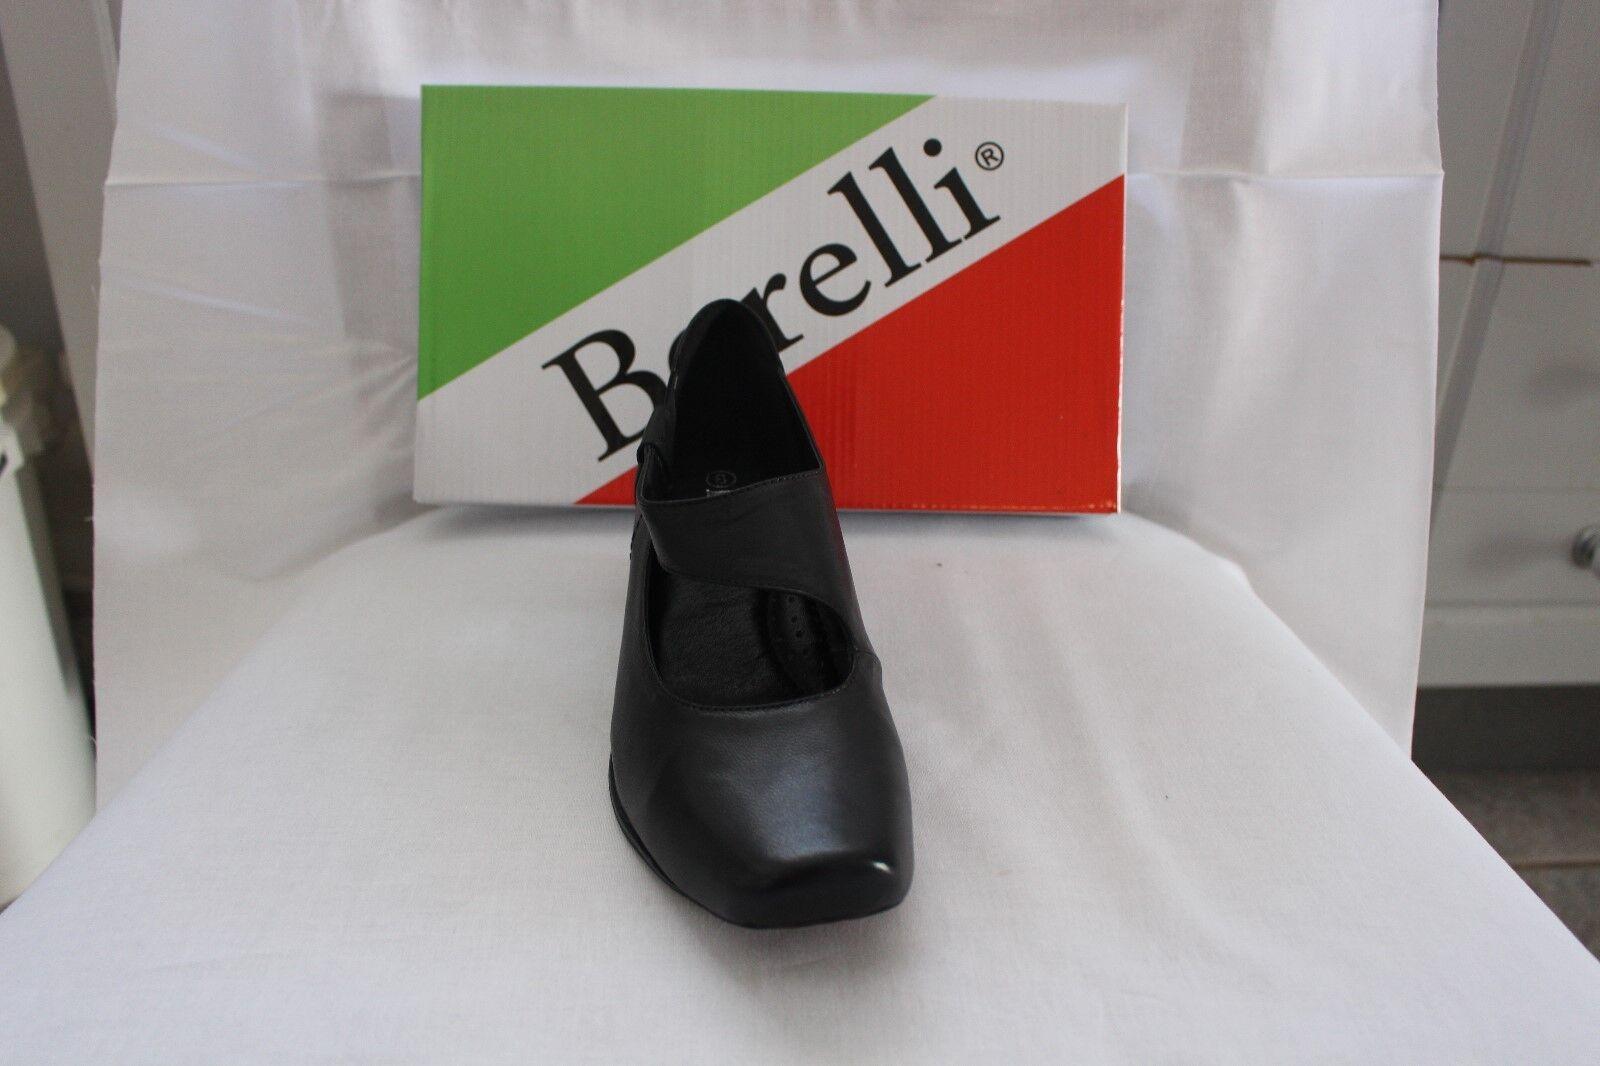 LADIES SHOES/FOOTWEAR - Borelli Majestic court black shoe black court 75a0db